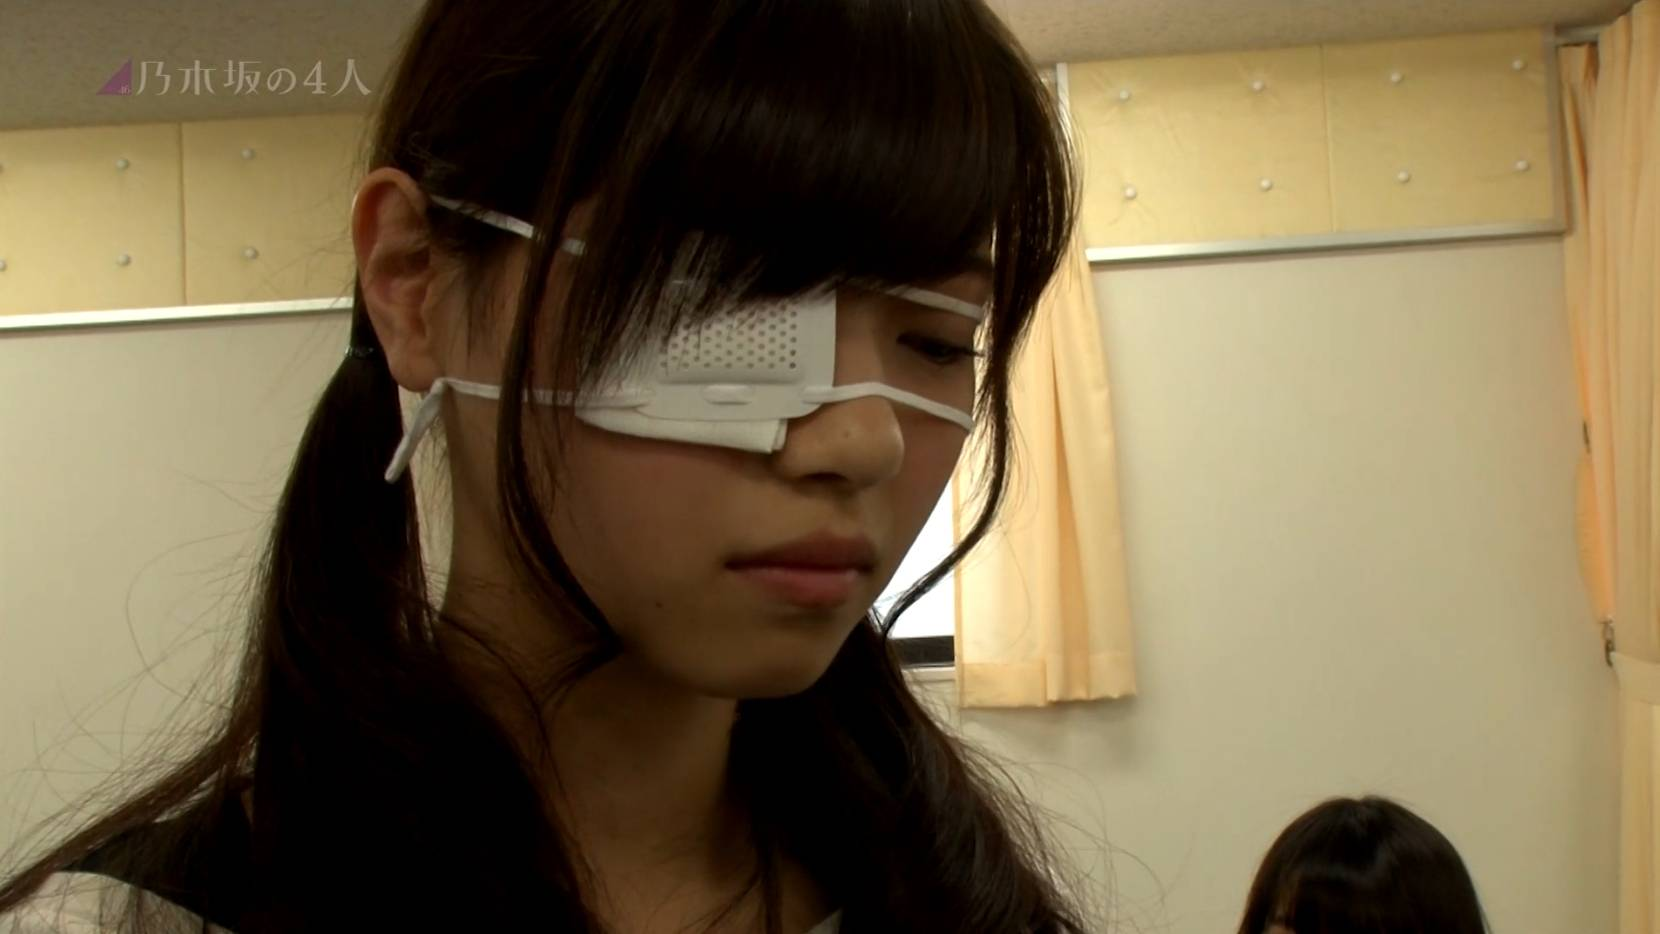 乃木坂の4人 8thシングル「気づいたら片想い」特典映像 乃木动画ver